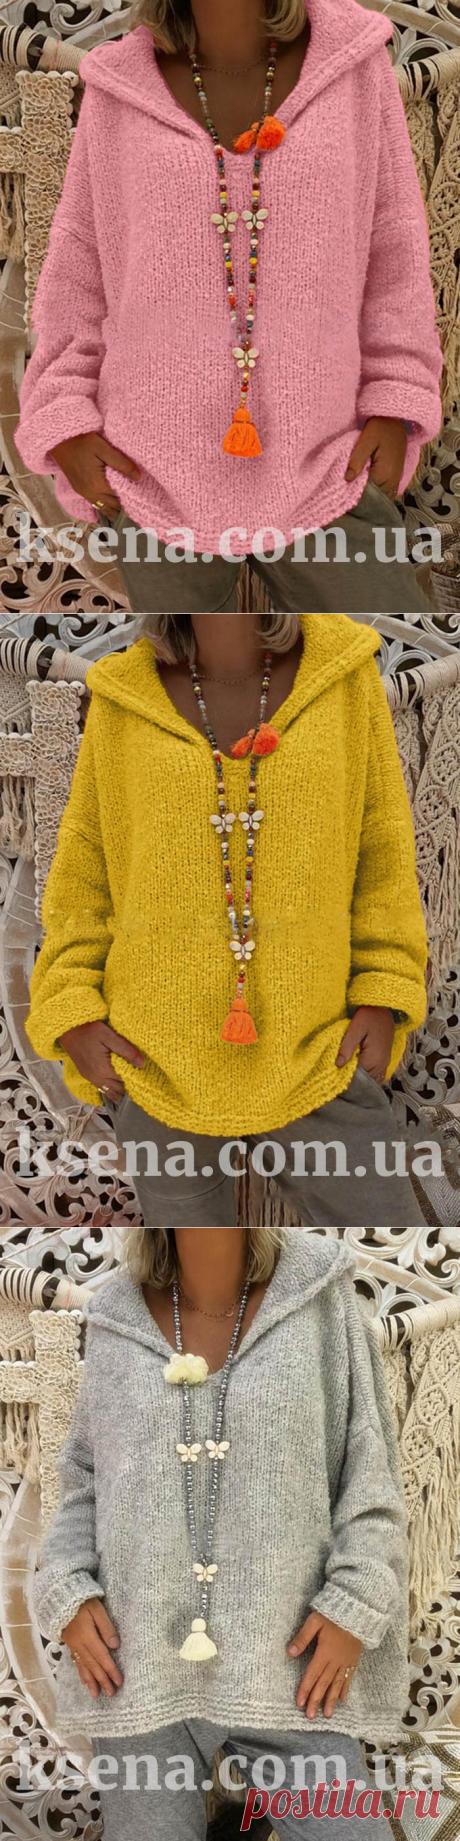 Вязаная толстовка свободного кроя - Вязаные свитера и пуловеры крючком - Женские пуловеры - Ksena